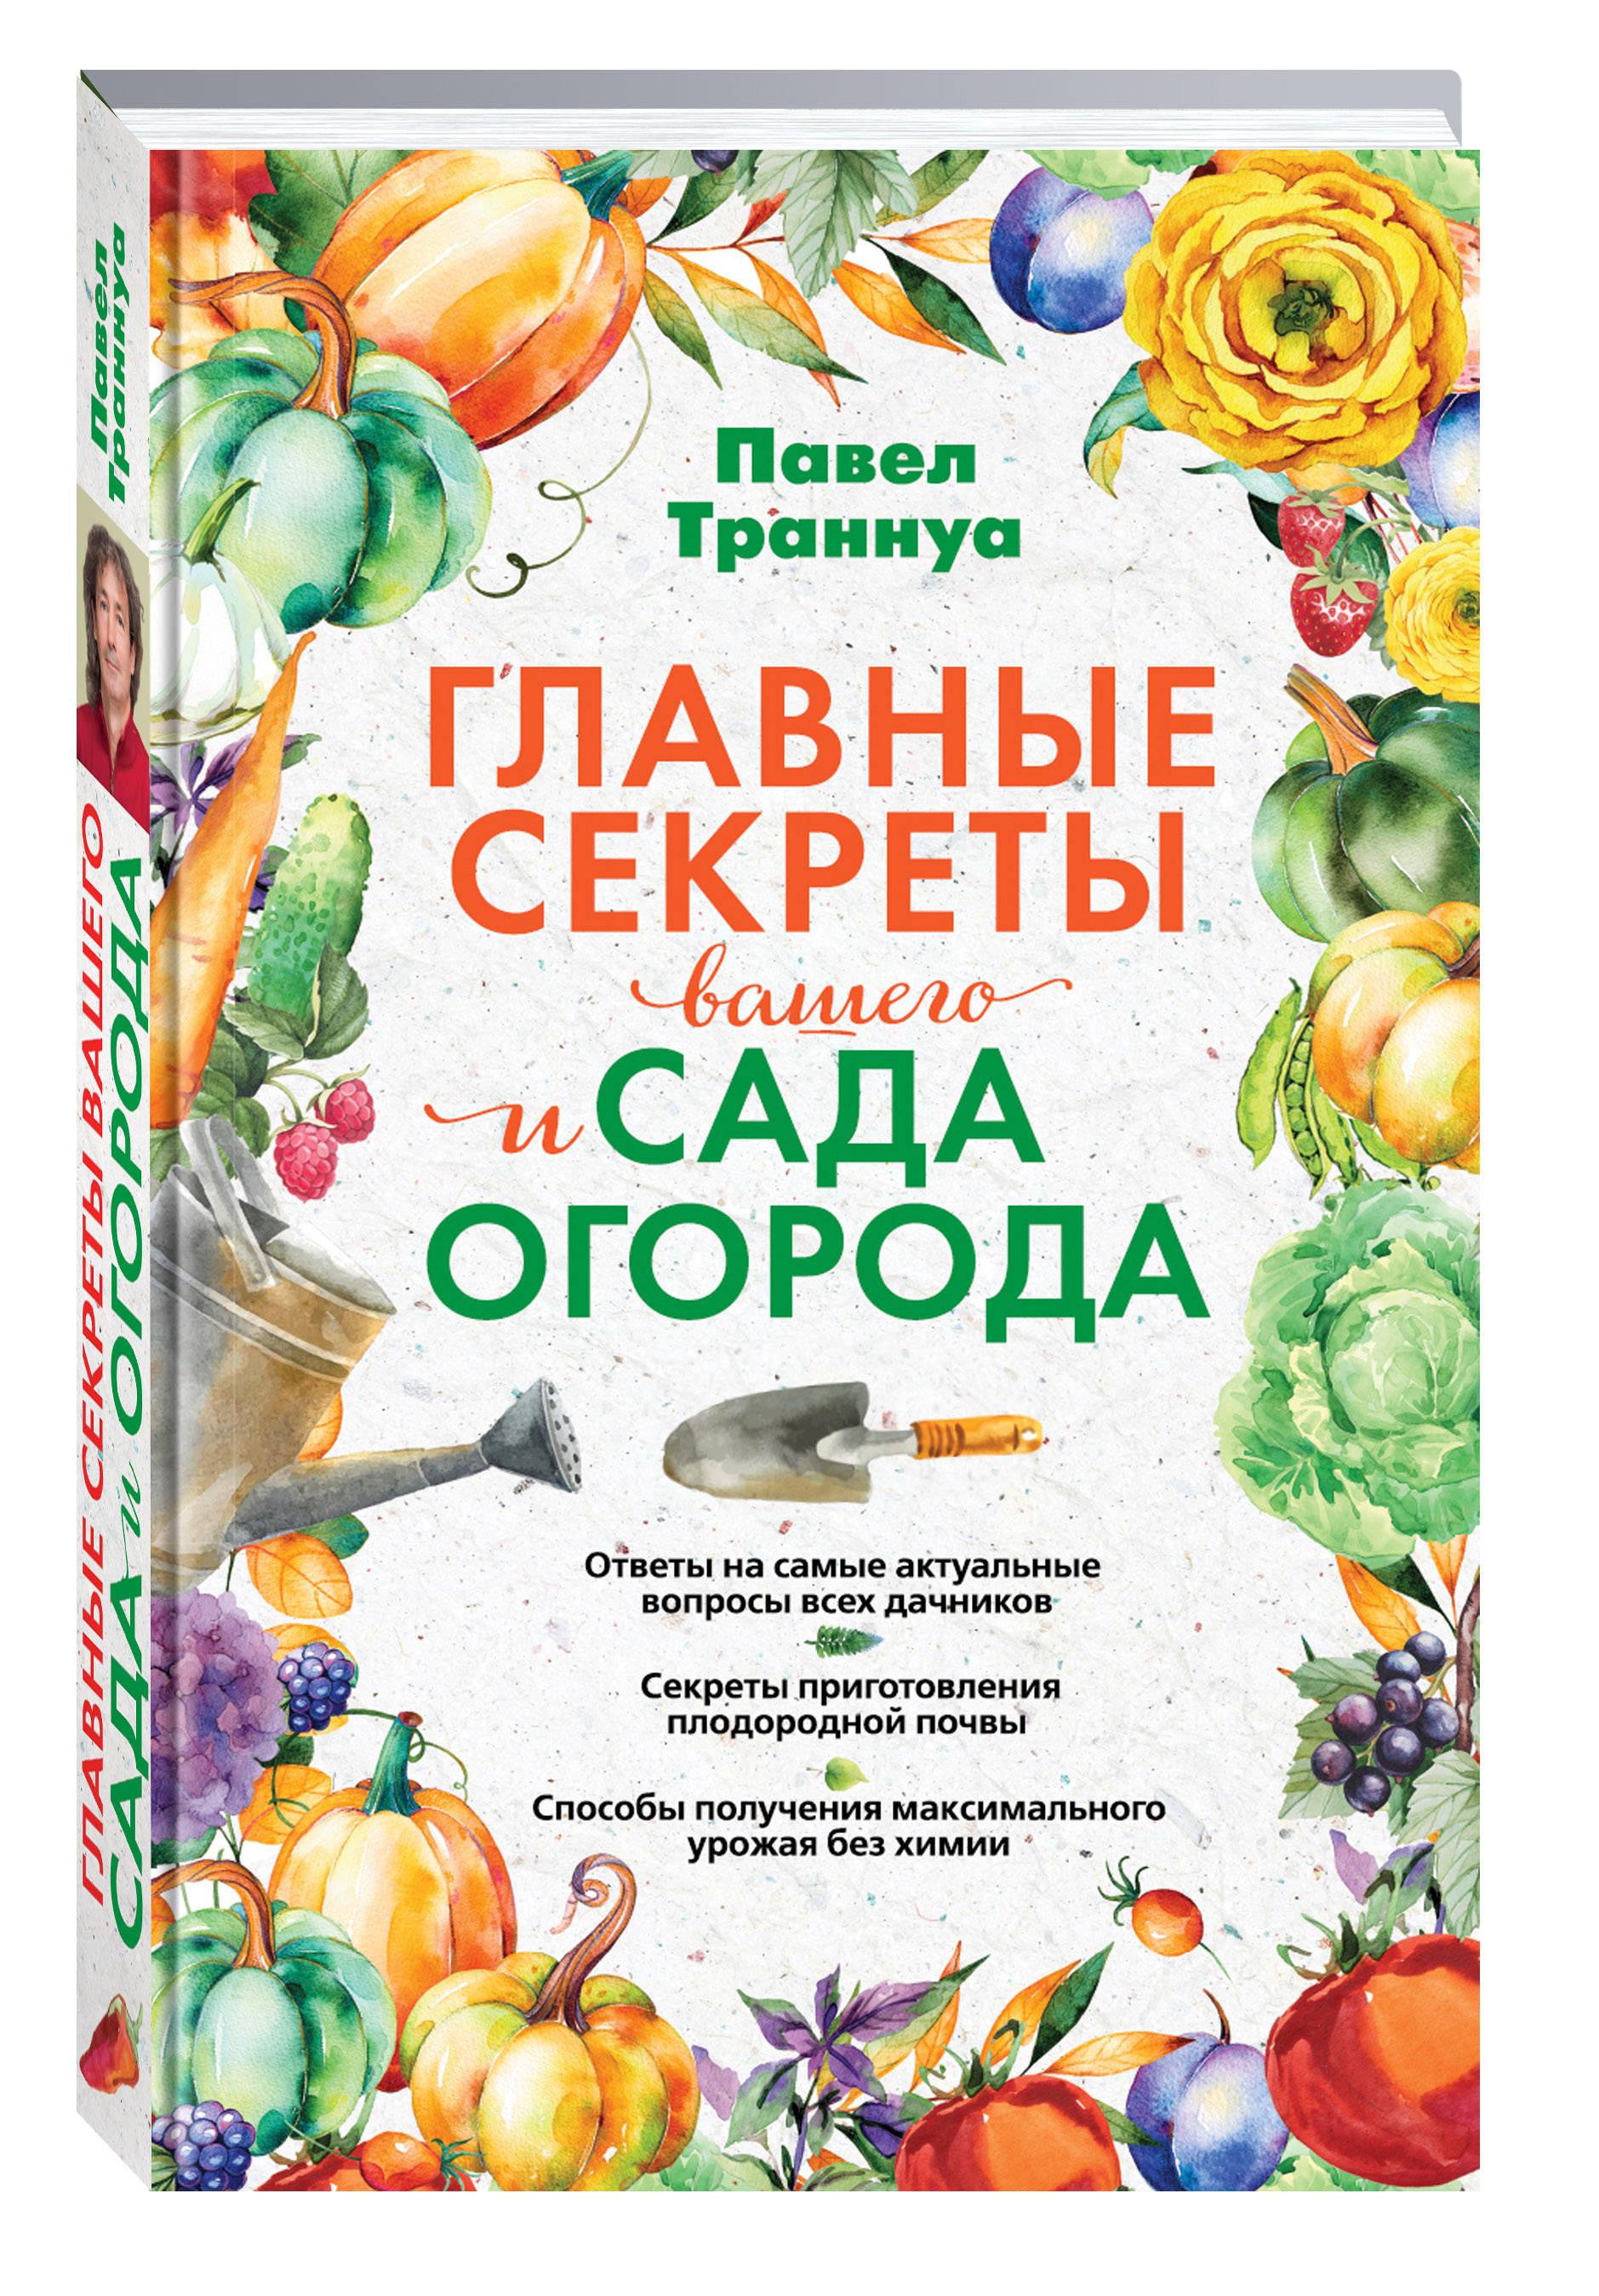 Траннуа П.Ф. Главные секреты вашего сада и огорода (переиздание)